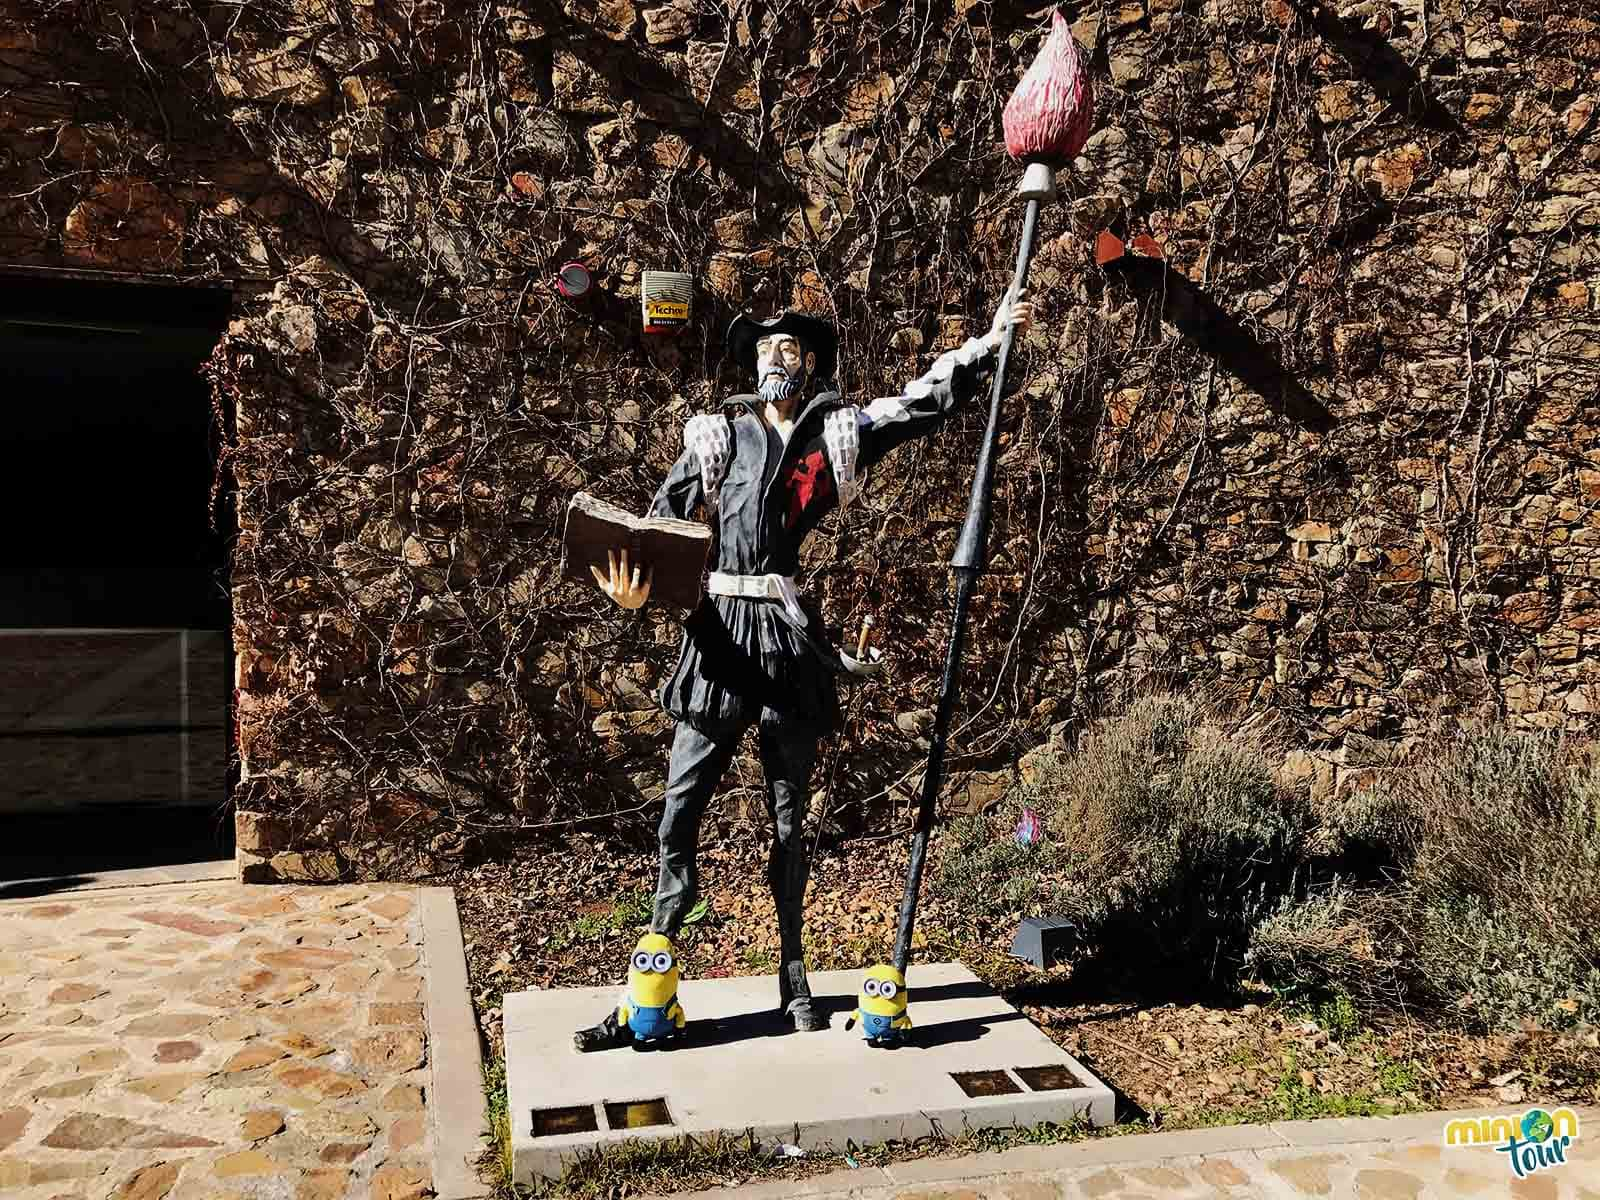 Con nuestro amigo Don Quijote